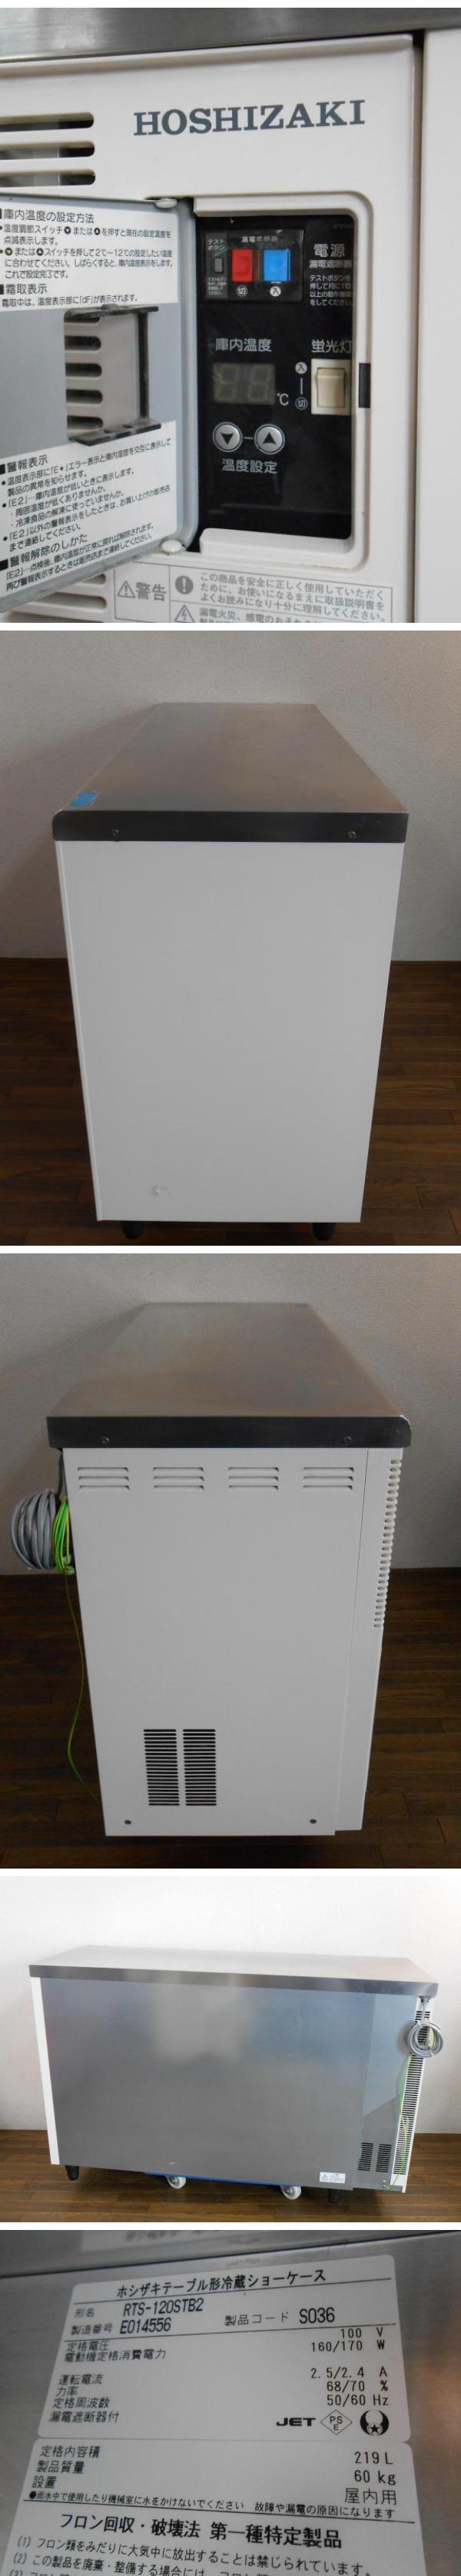 ~美品~【ホシザキ】テーブル型冷蔵ショーケース RTS-120STB2 (2015年製)